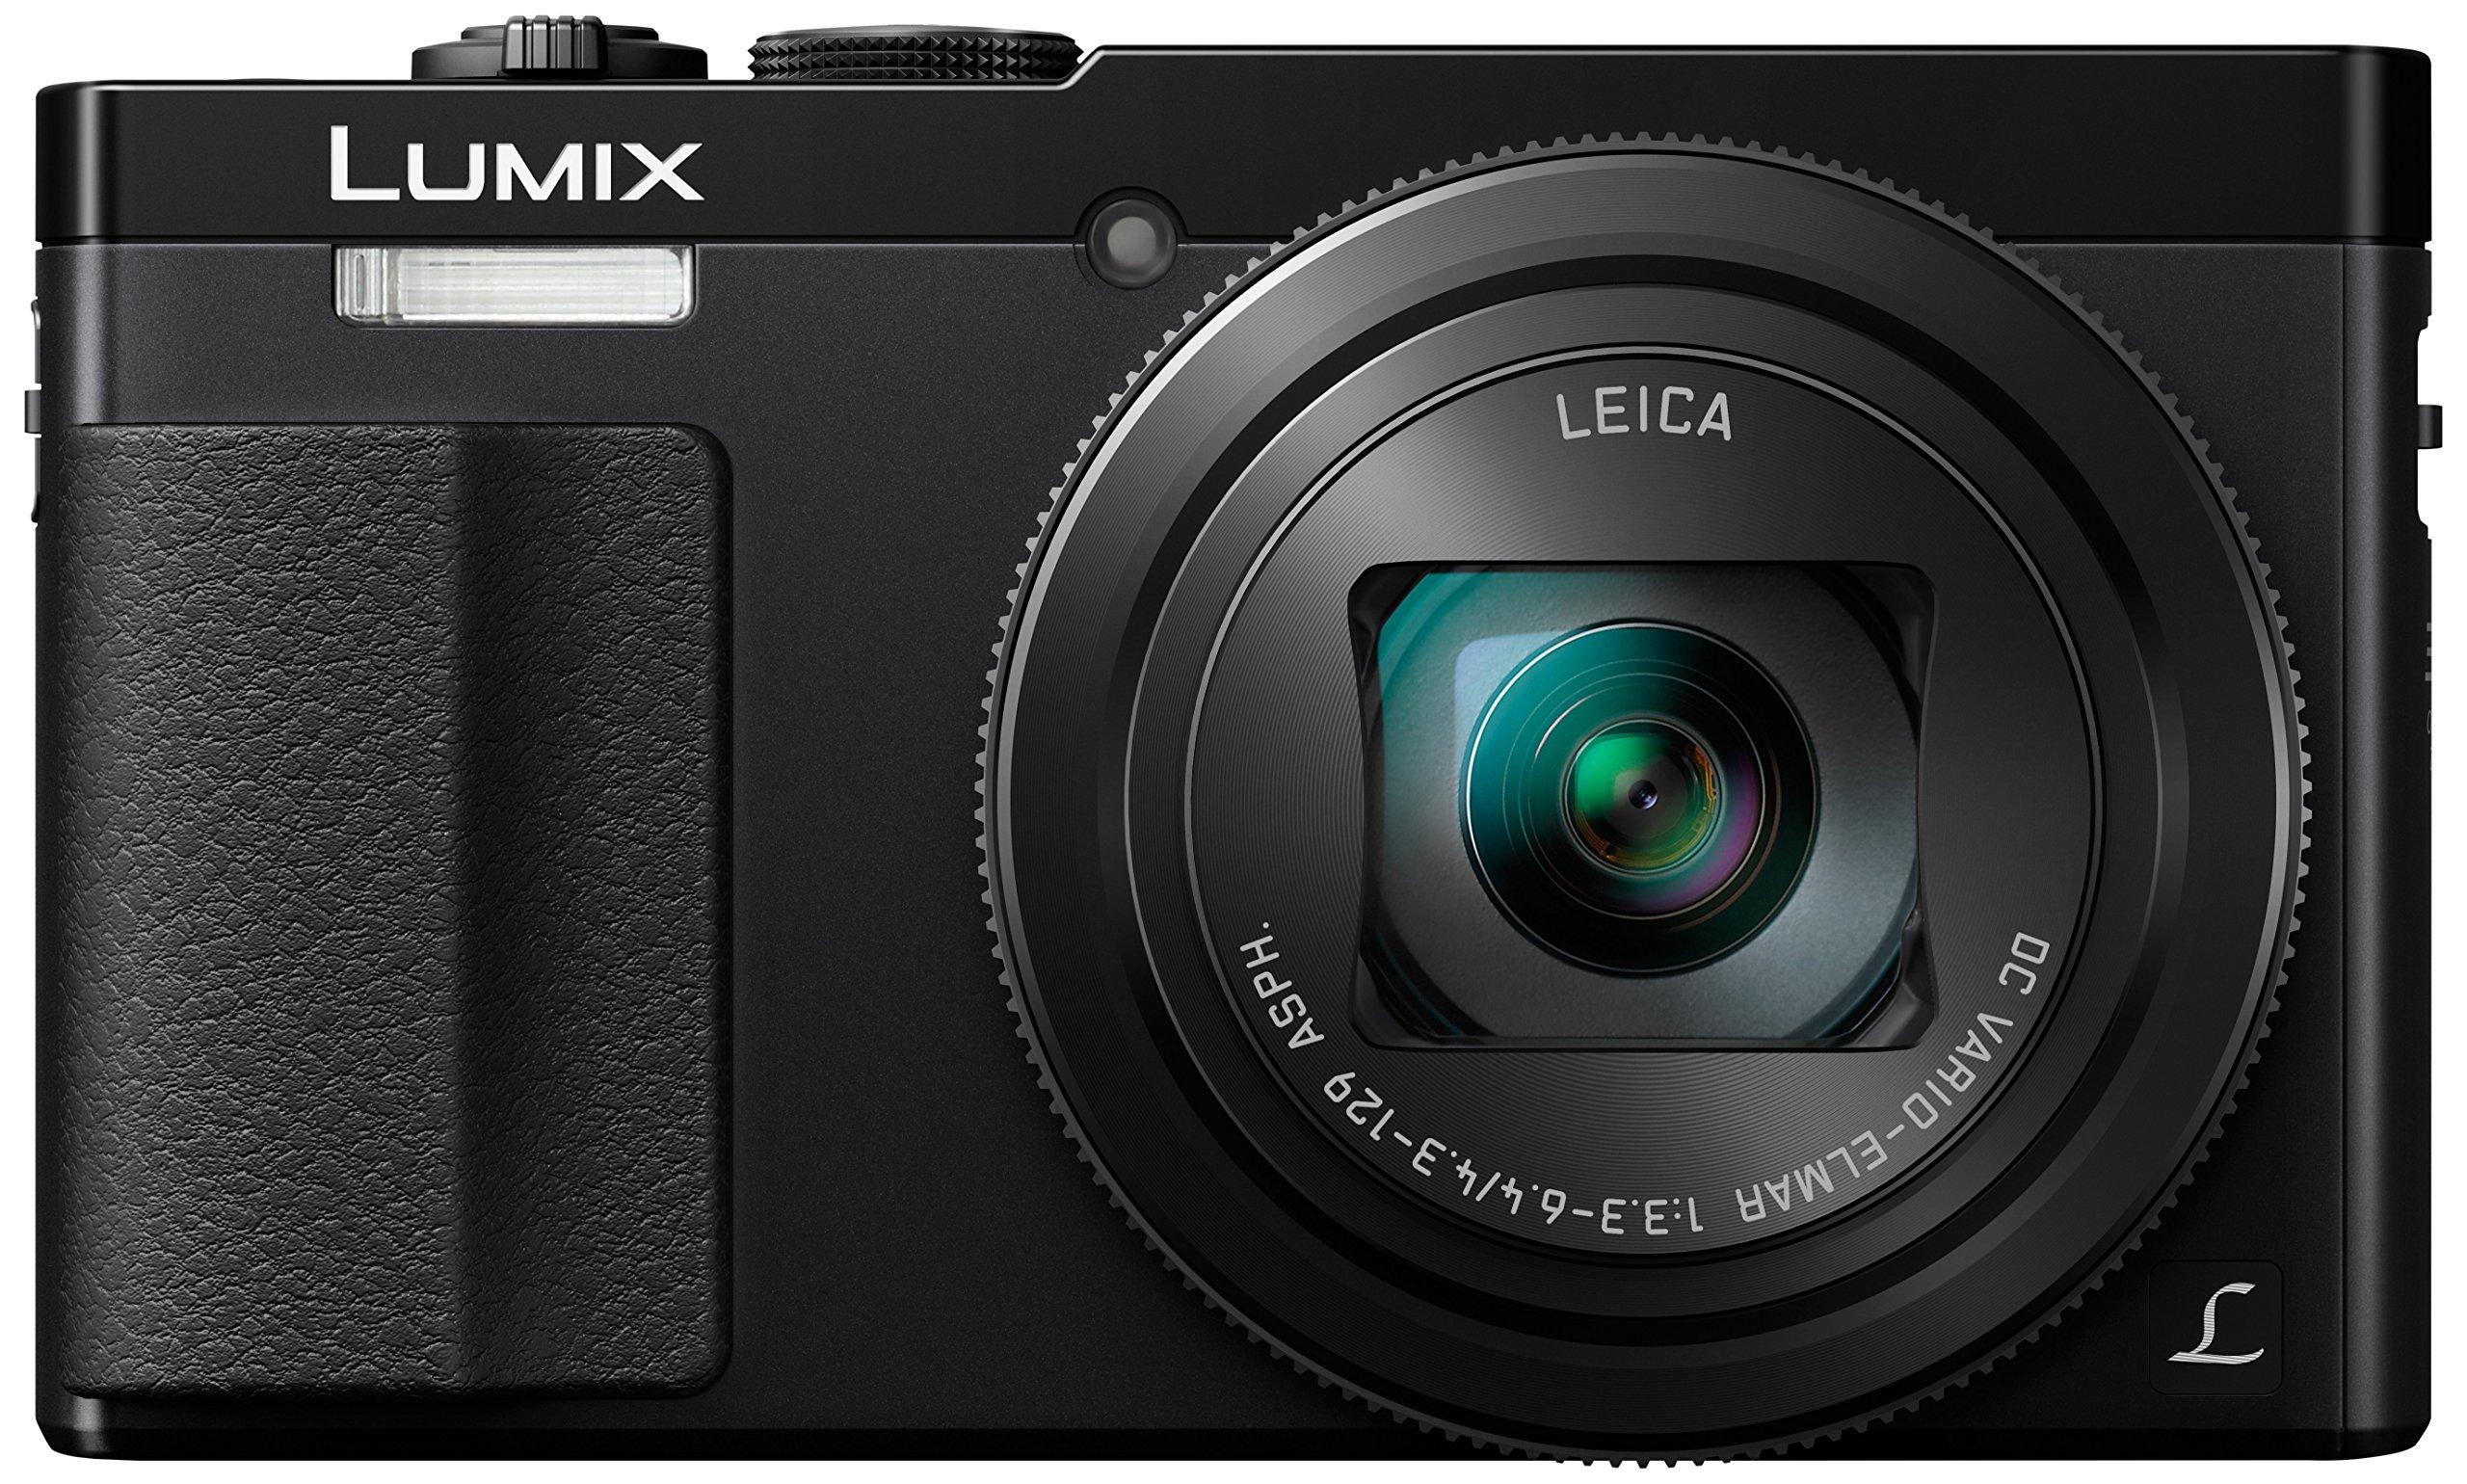 Panasonic Lumix DMC-TZ70EG-K - Cámara compacta de 12.1 MP (Zoom óptico de 30x, estabilizador óptico, Vídeo Full HD, WiFi), Color Negro product image